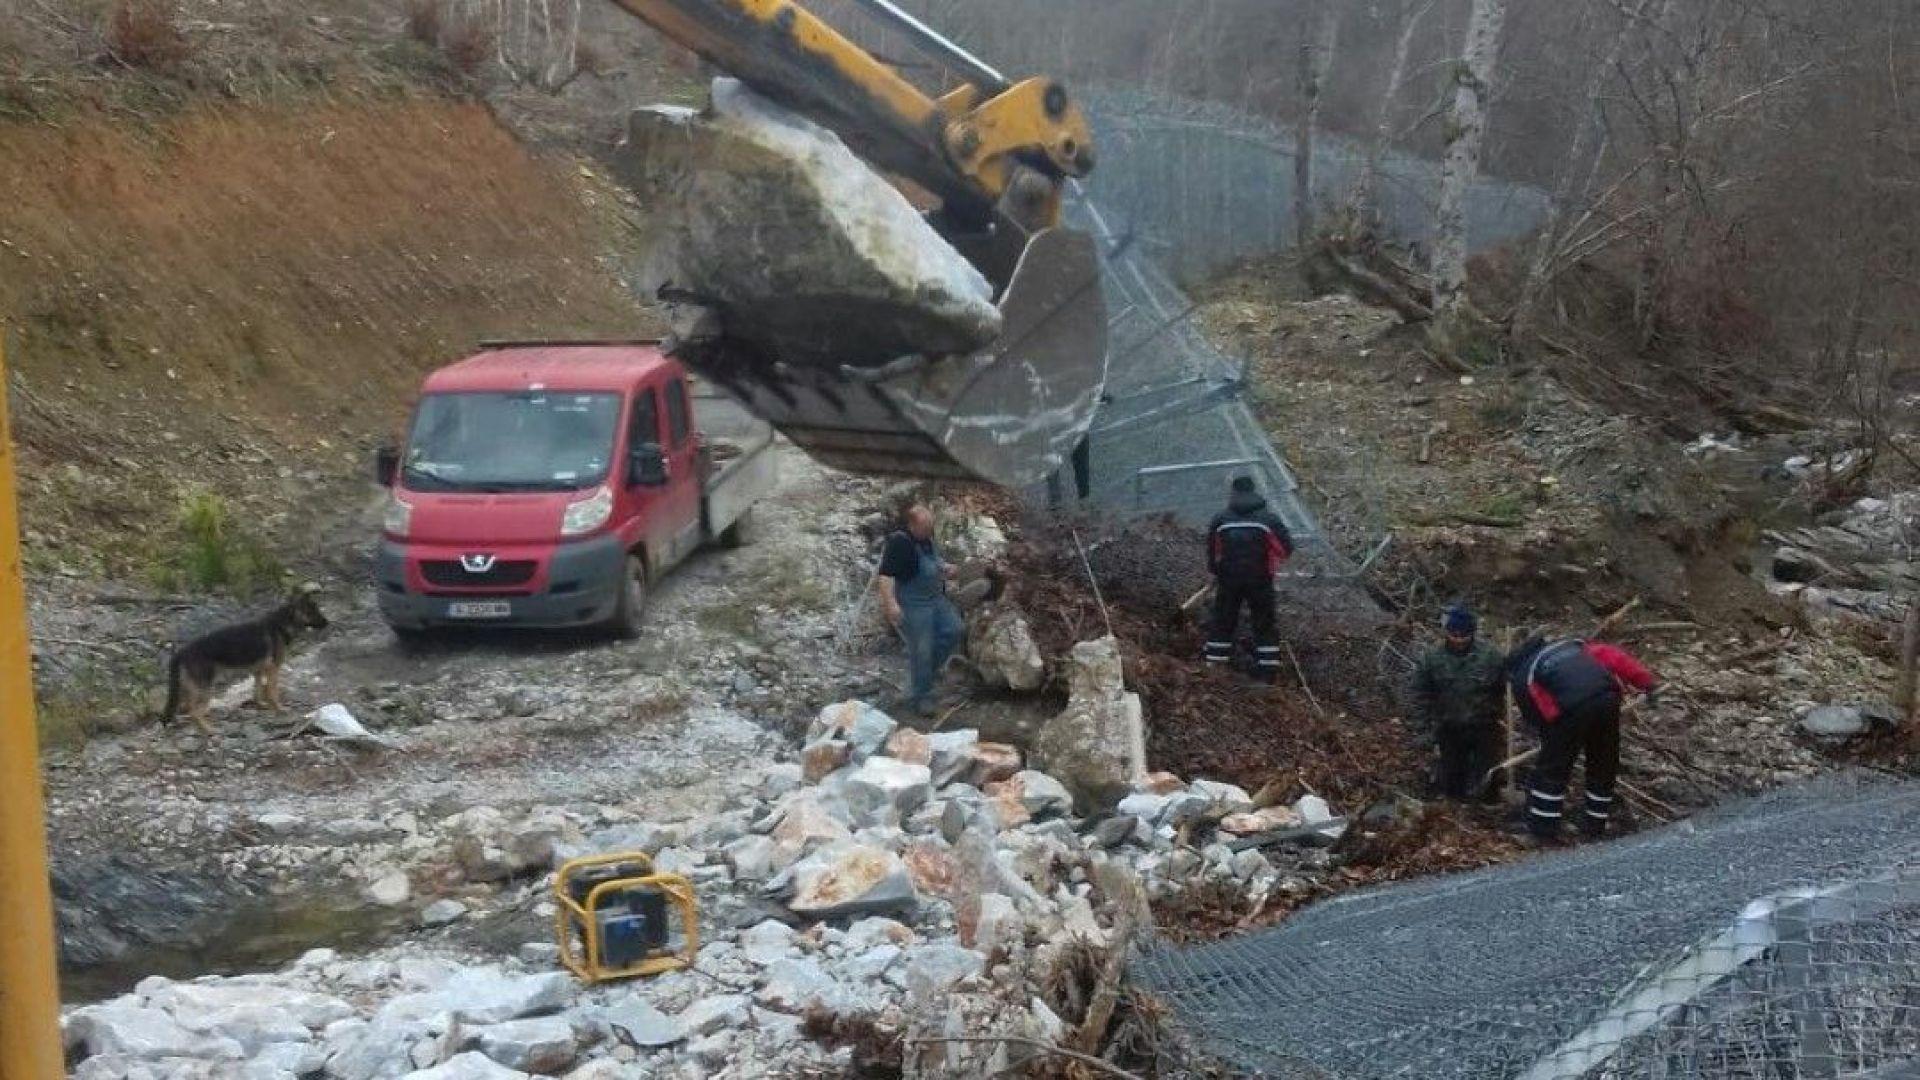 ГЕРБ за падналата ограда: С природата не можем да се борим